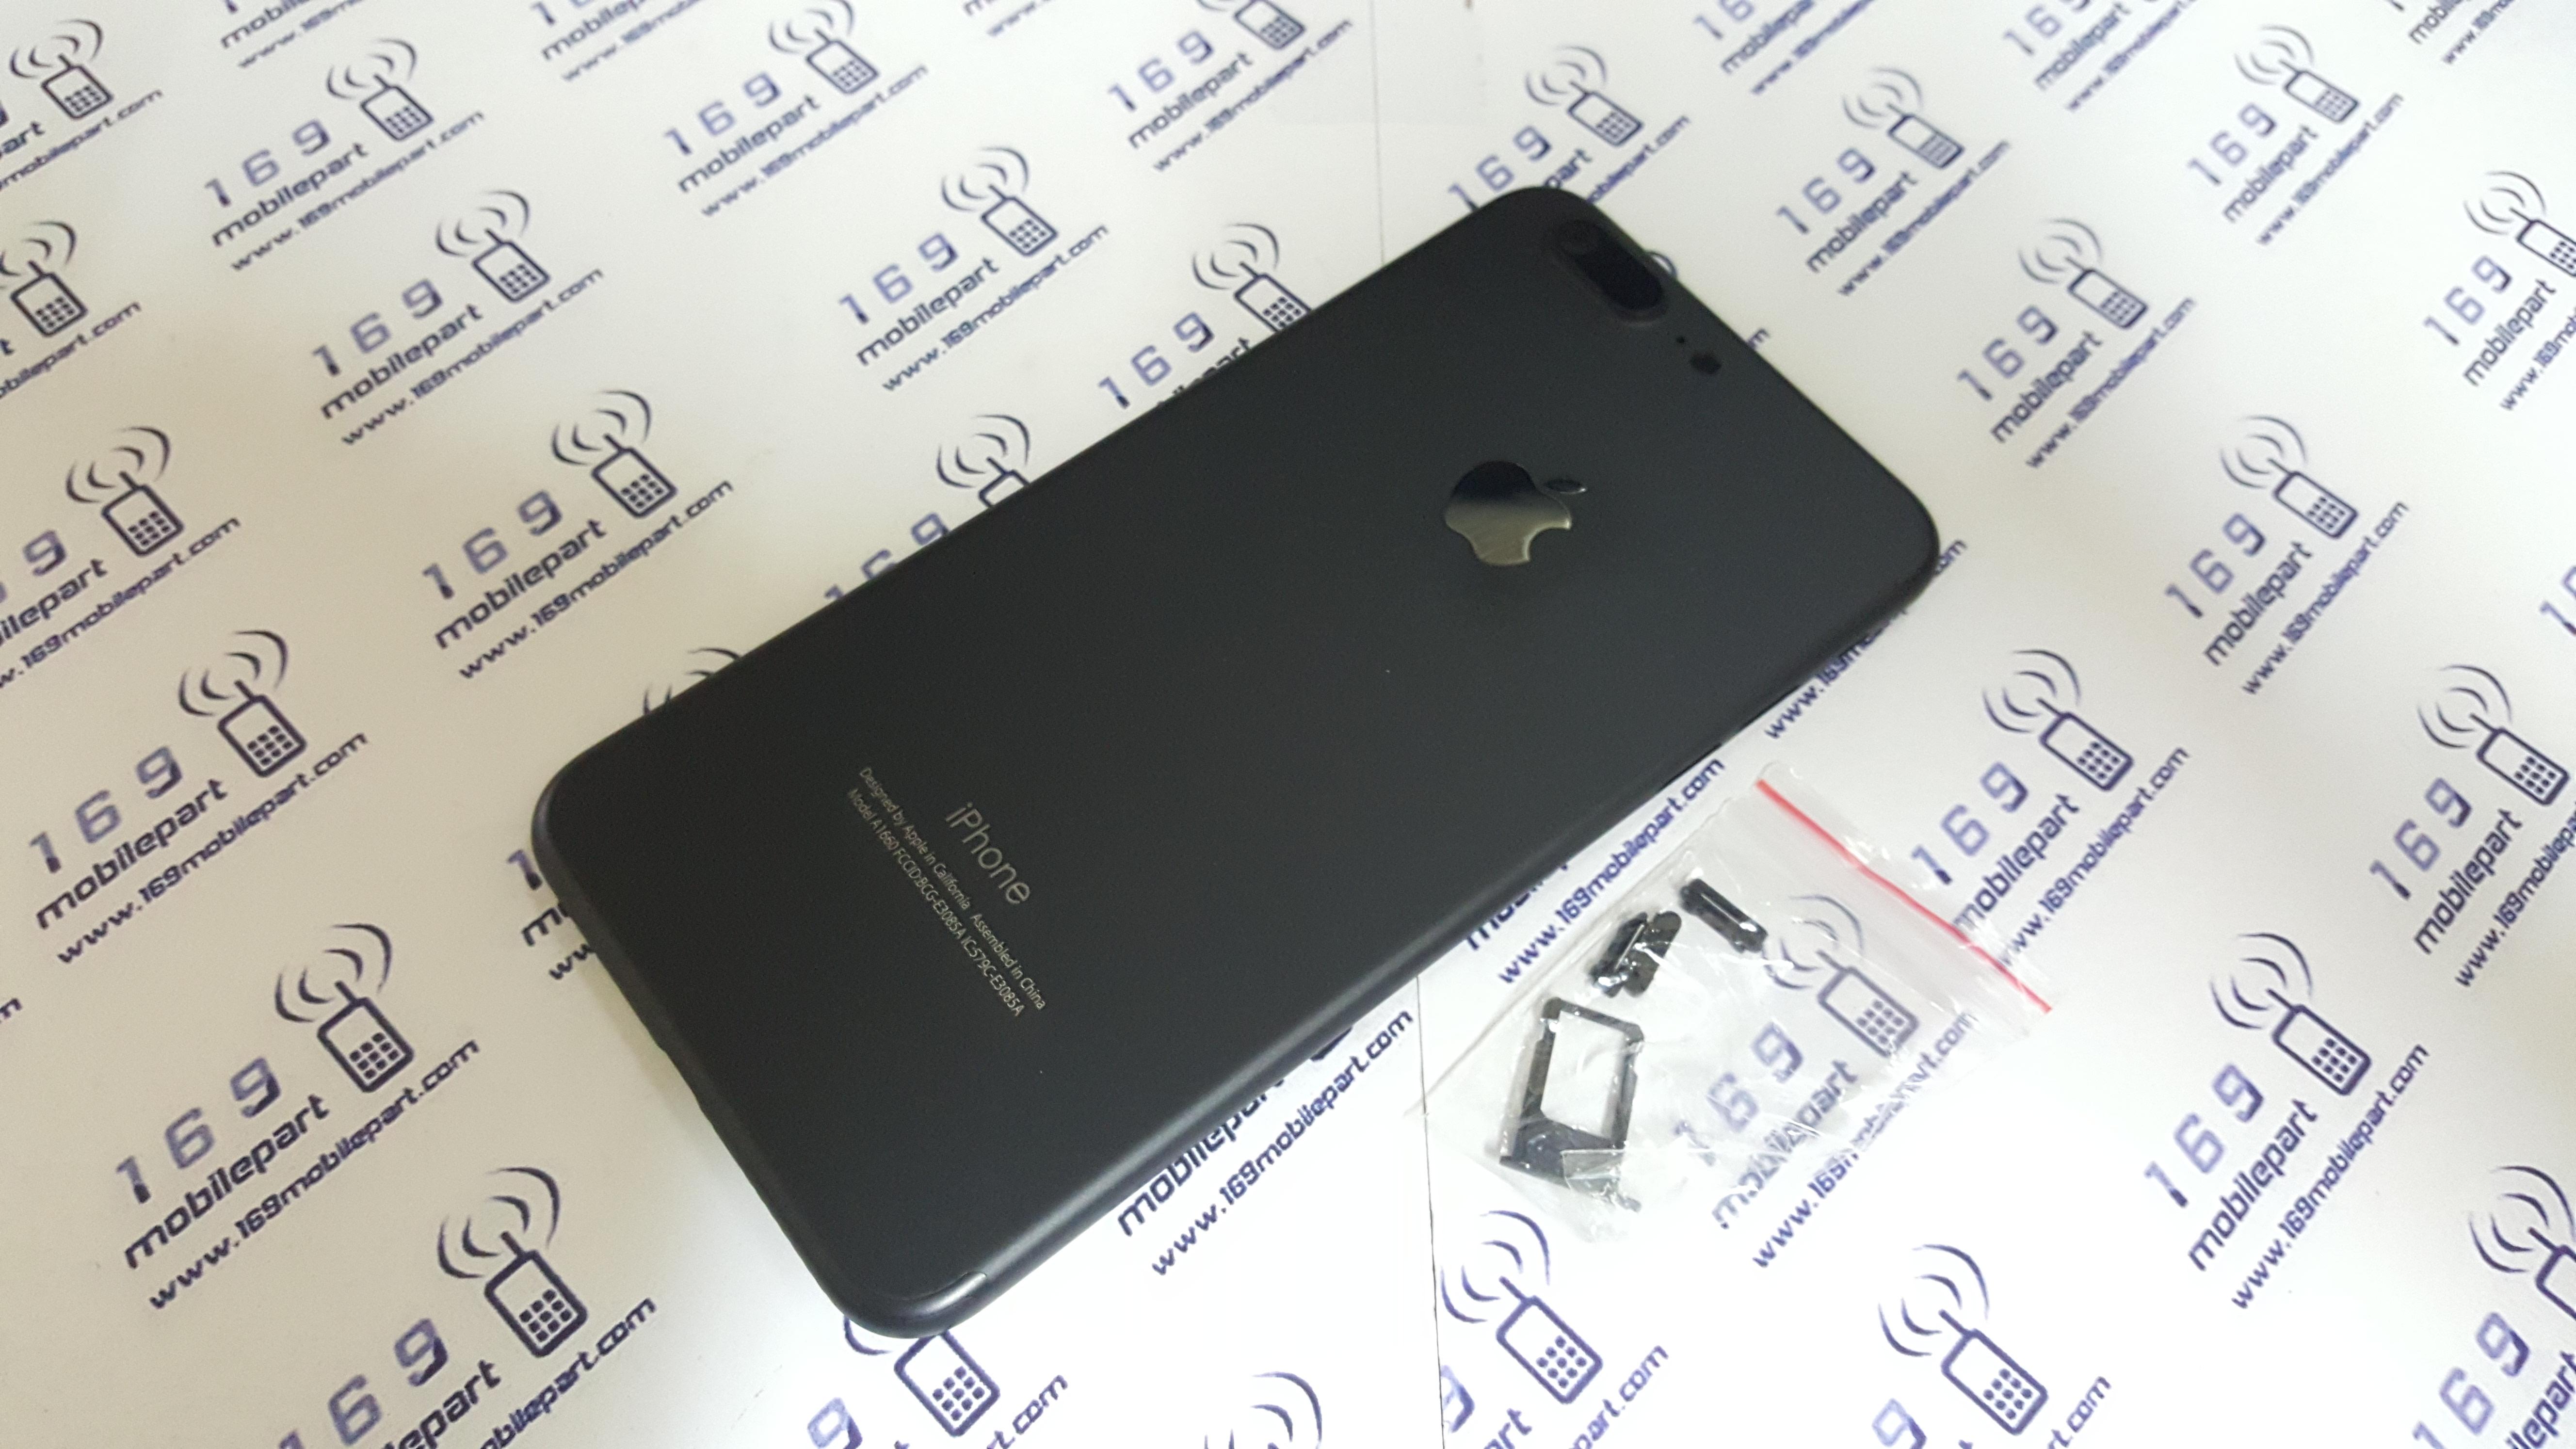 บอดี้ iPhone 6S Plus แปลง i7 Plus สี Jet-Black